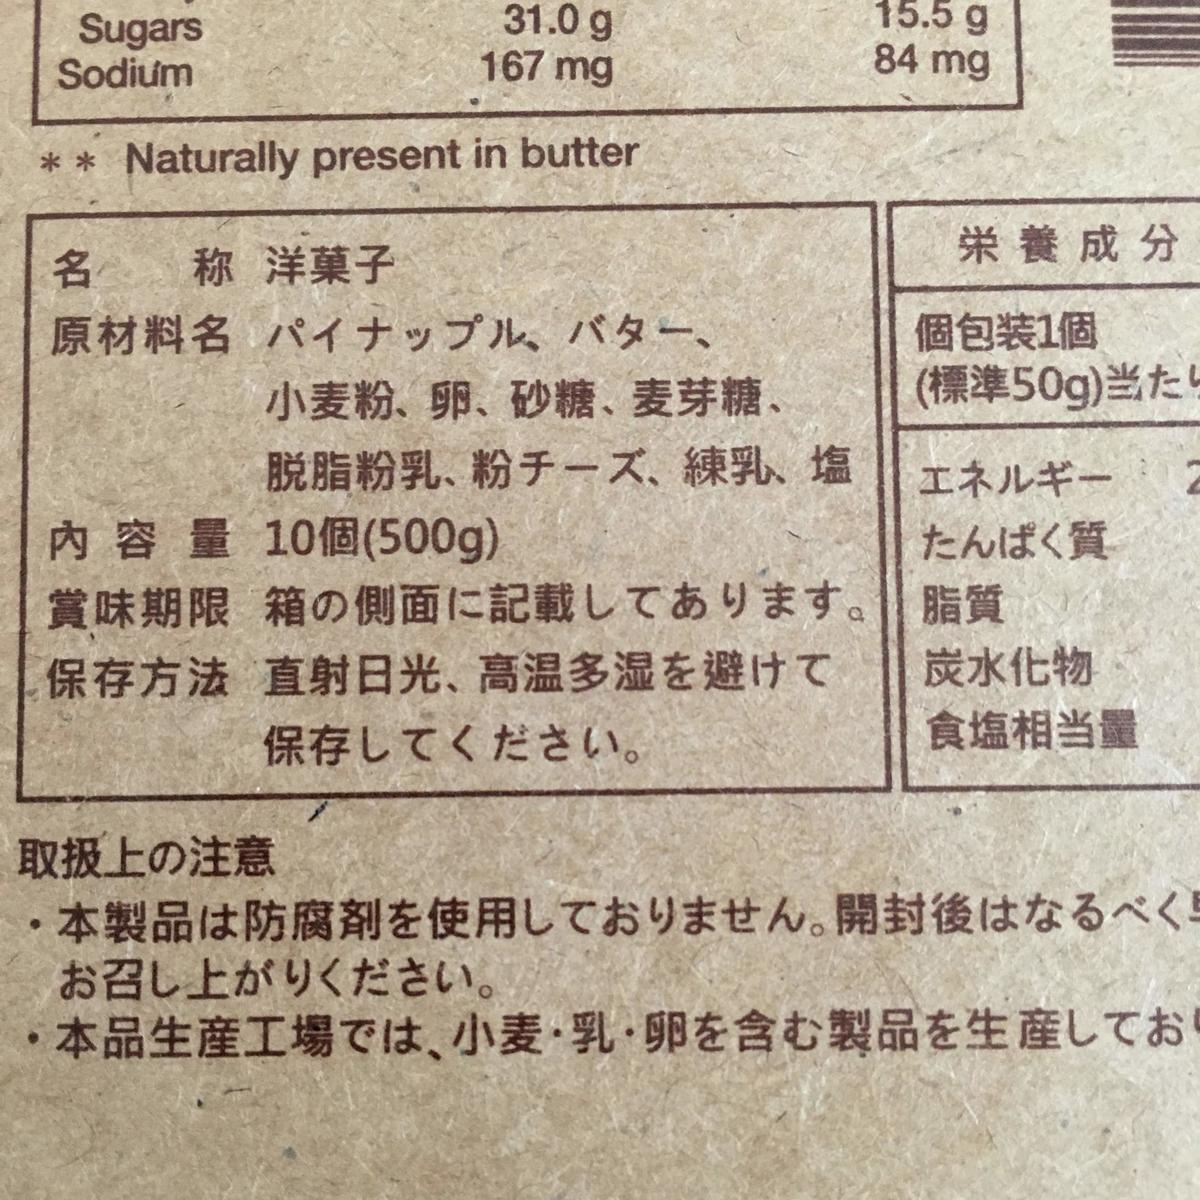 f:id:KirigirisuMax:20200305134203j:plain